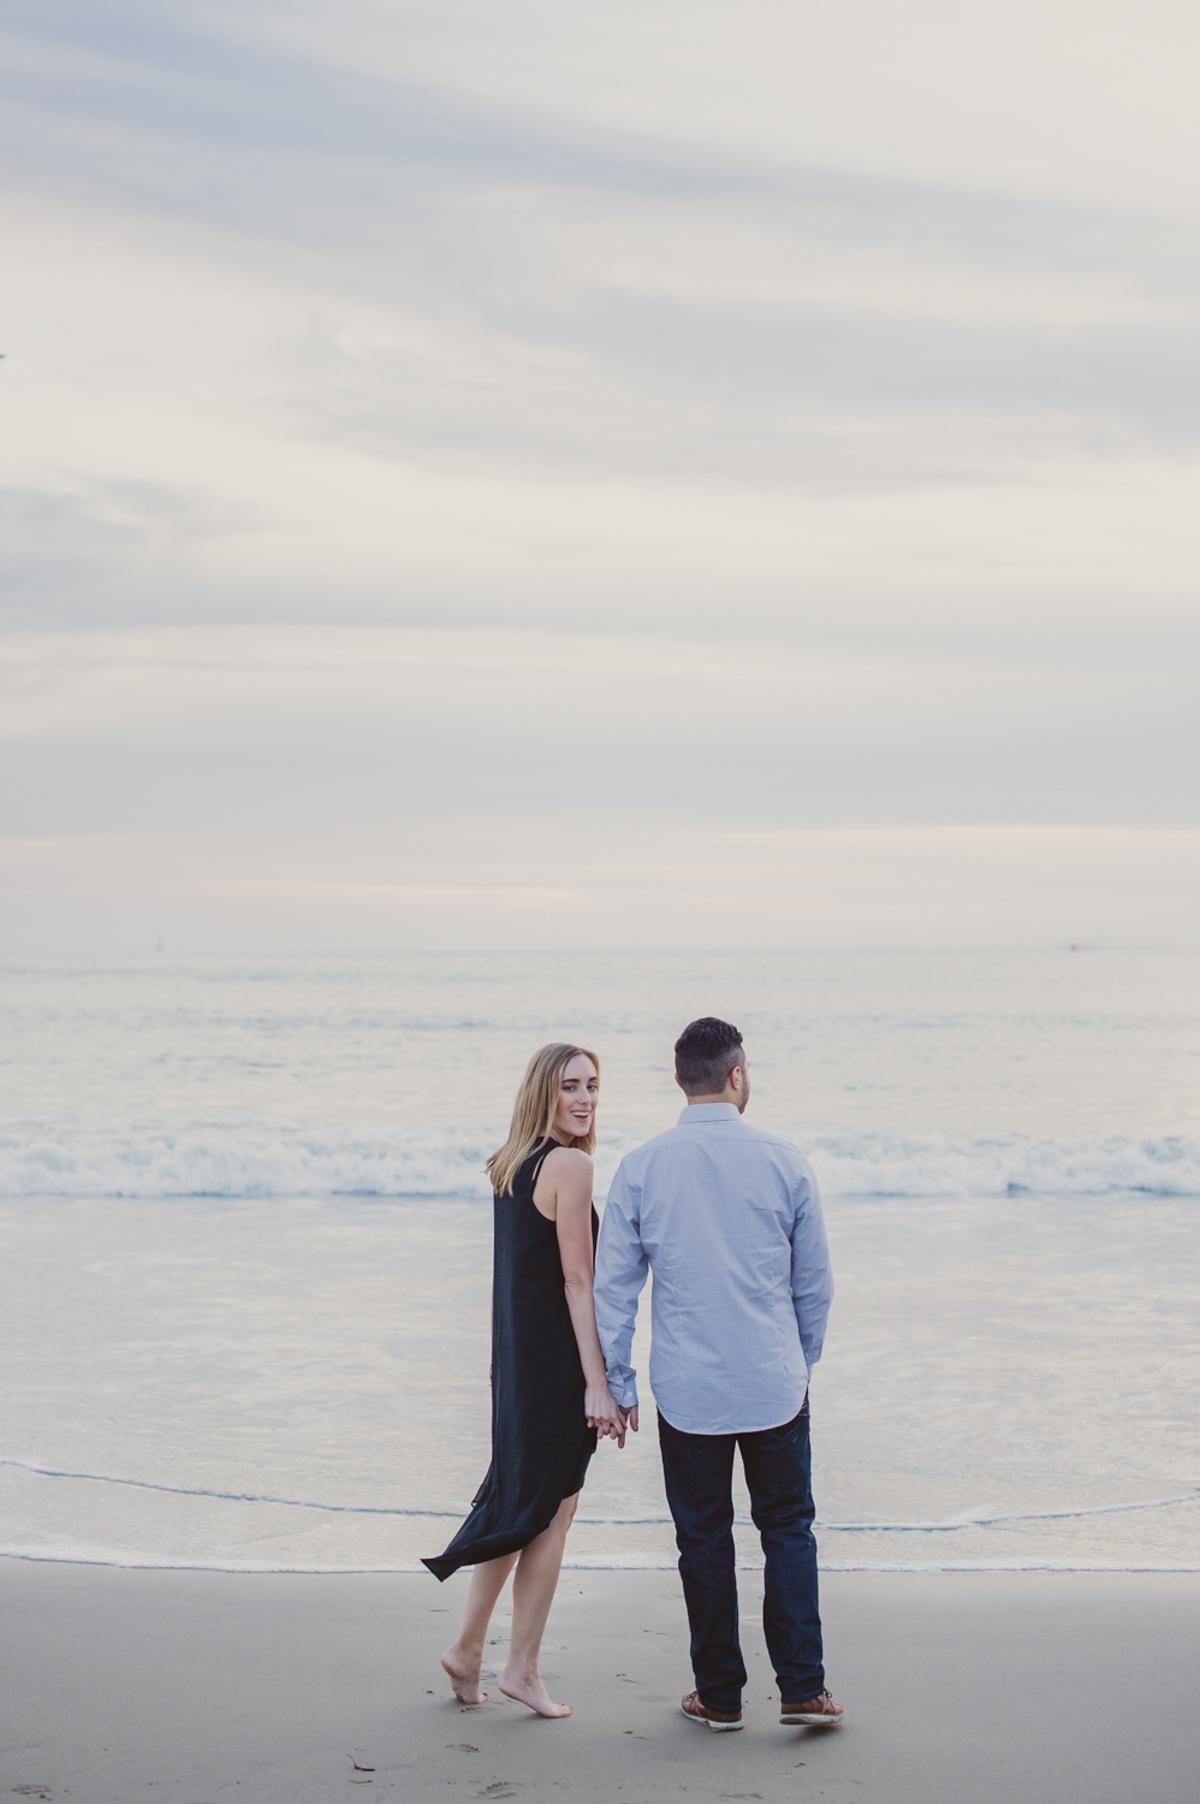 Beach Date  eatsleepwear  Fashion  Lifestyle Blog by Kimberly Pesch